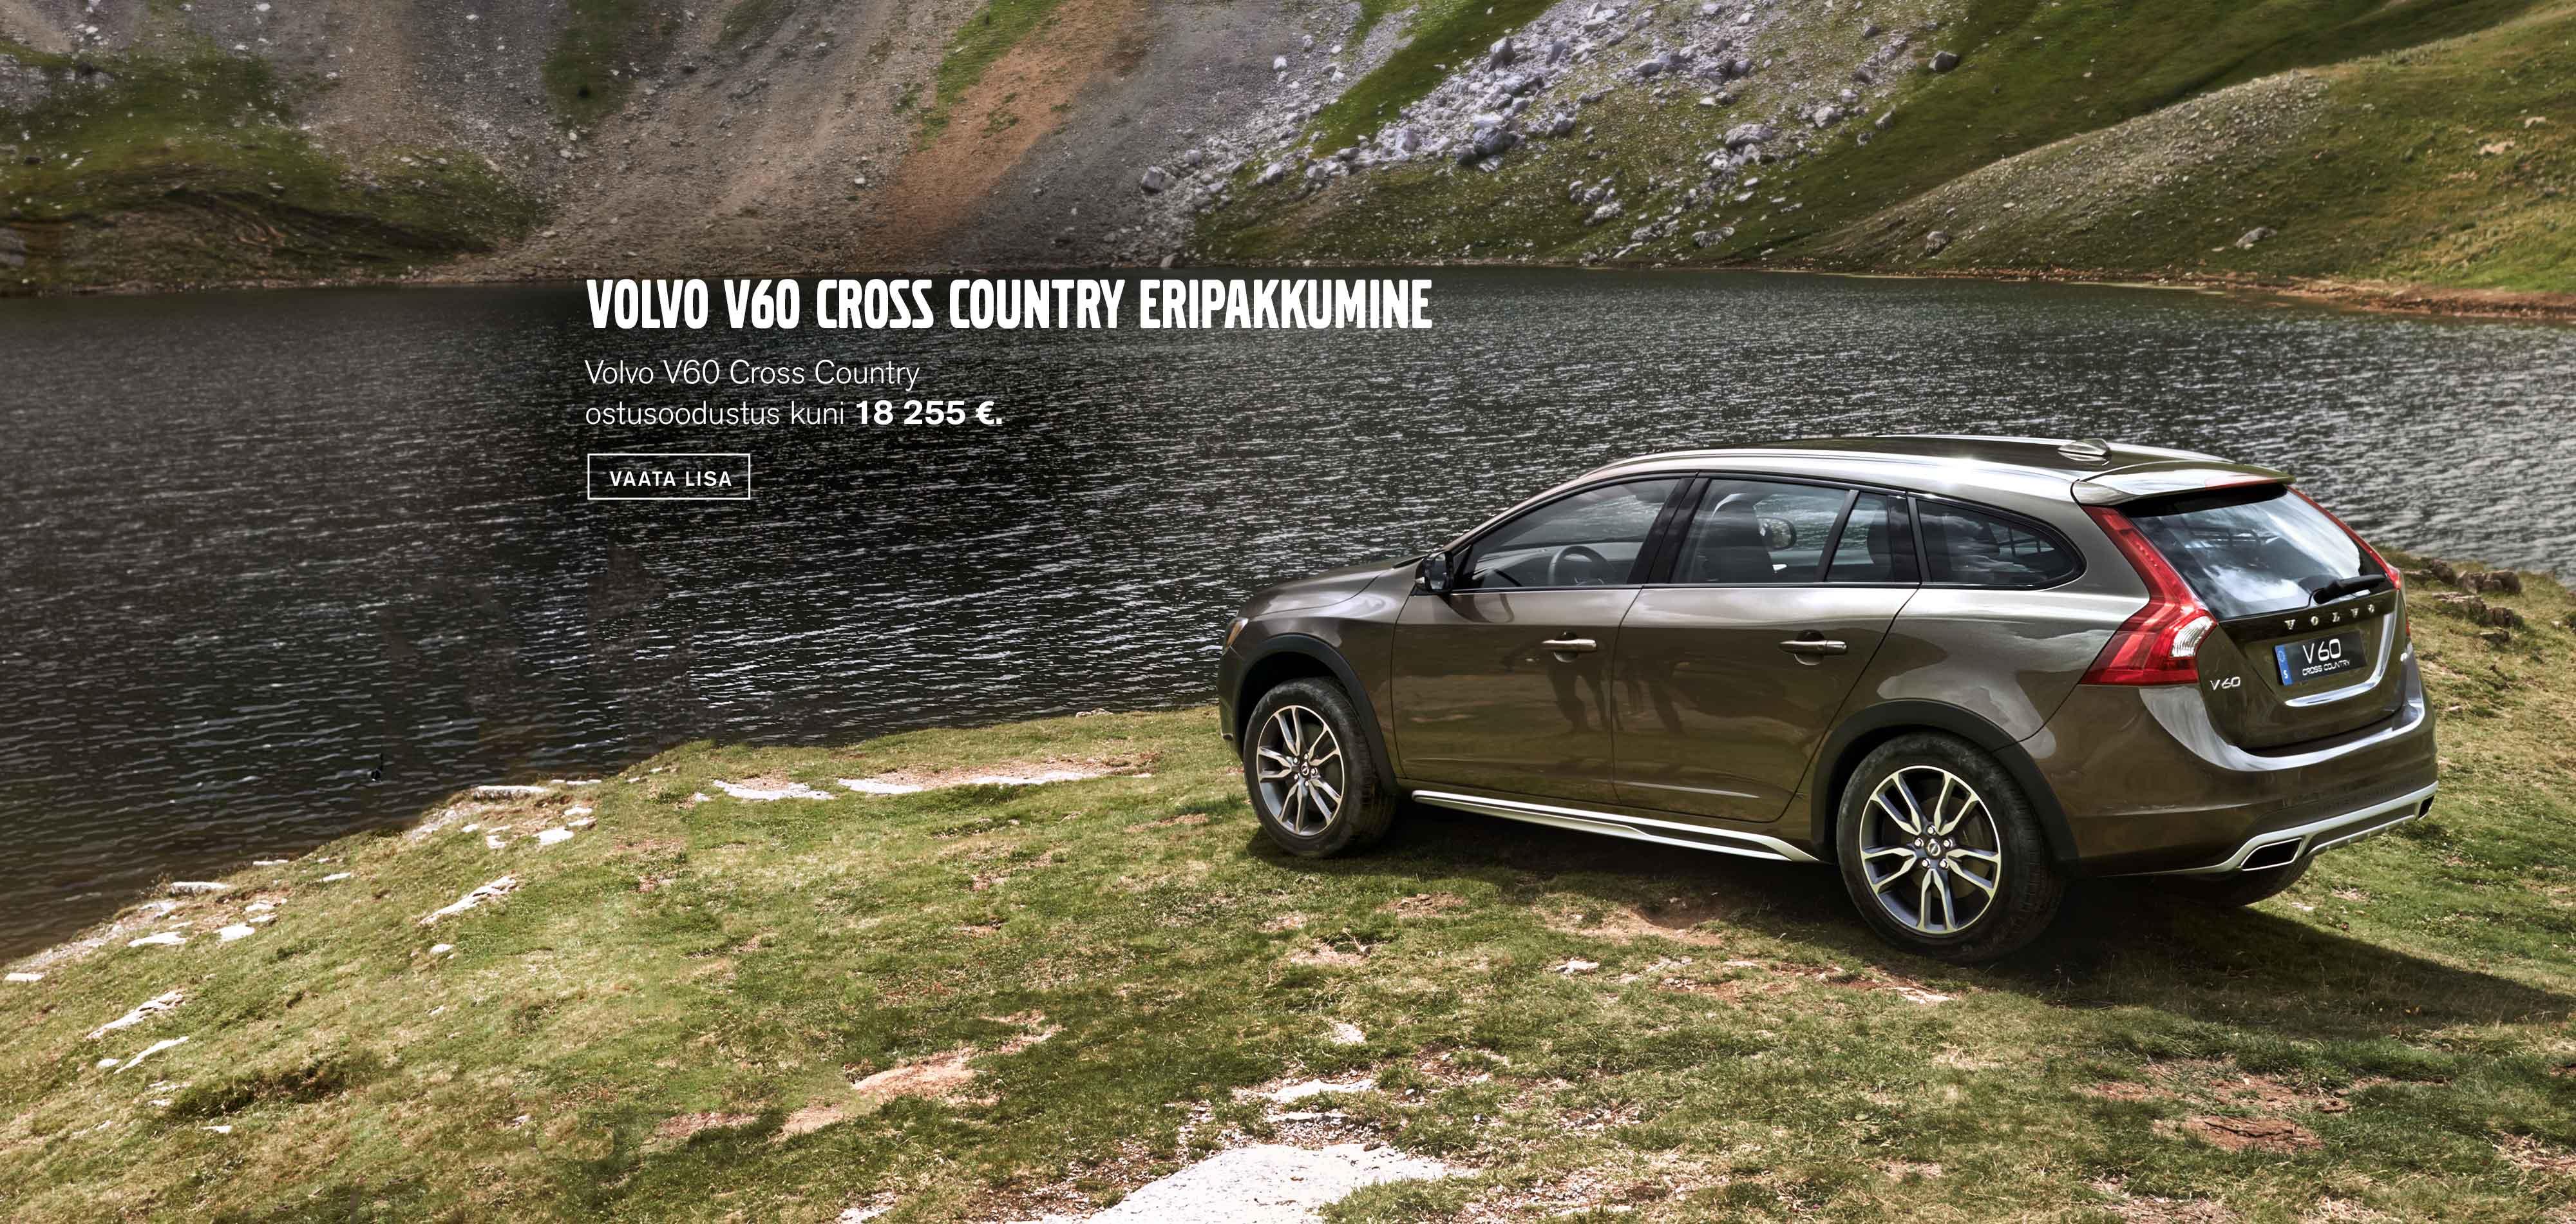 Volvo V60 Cross Country eripakkumine